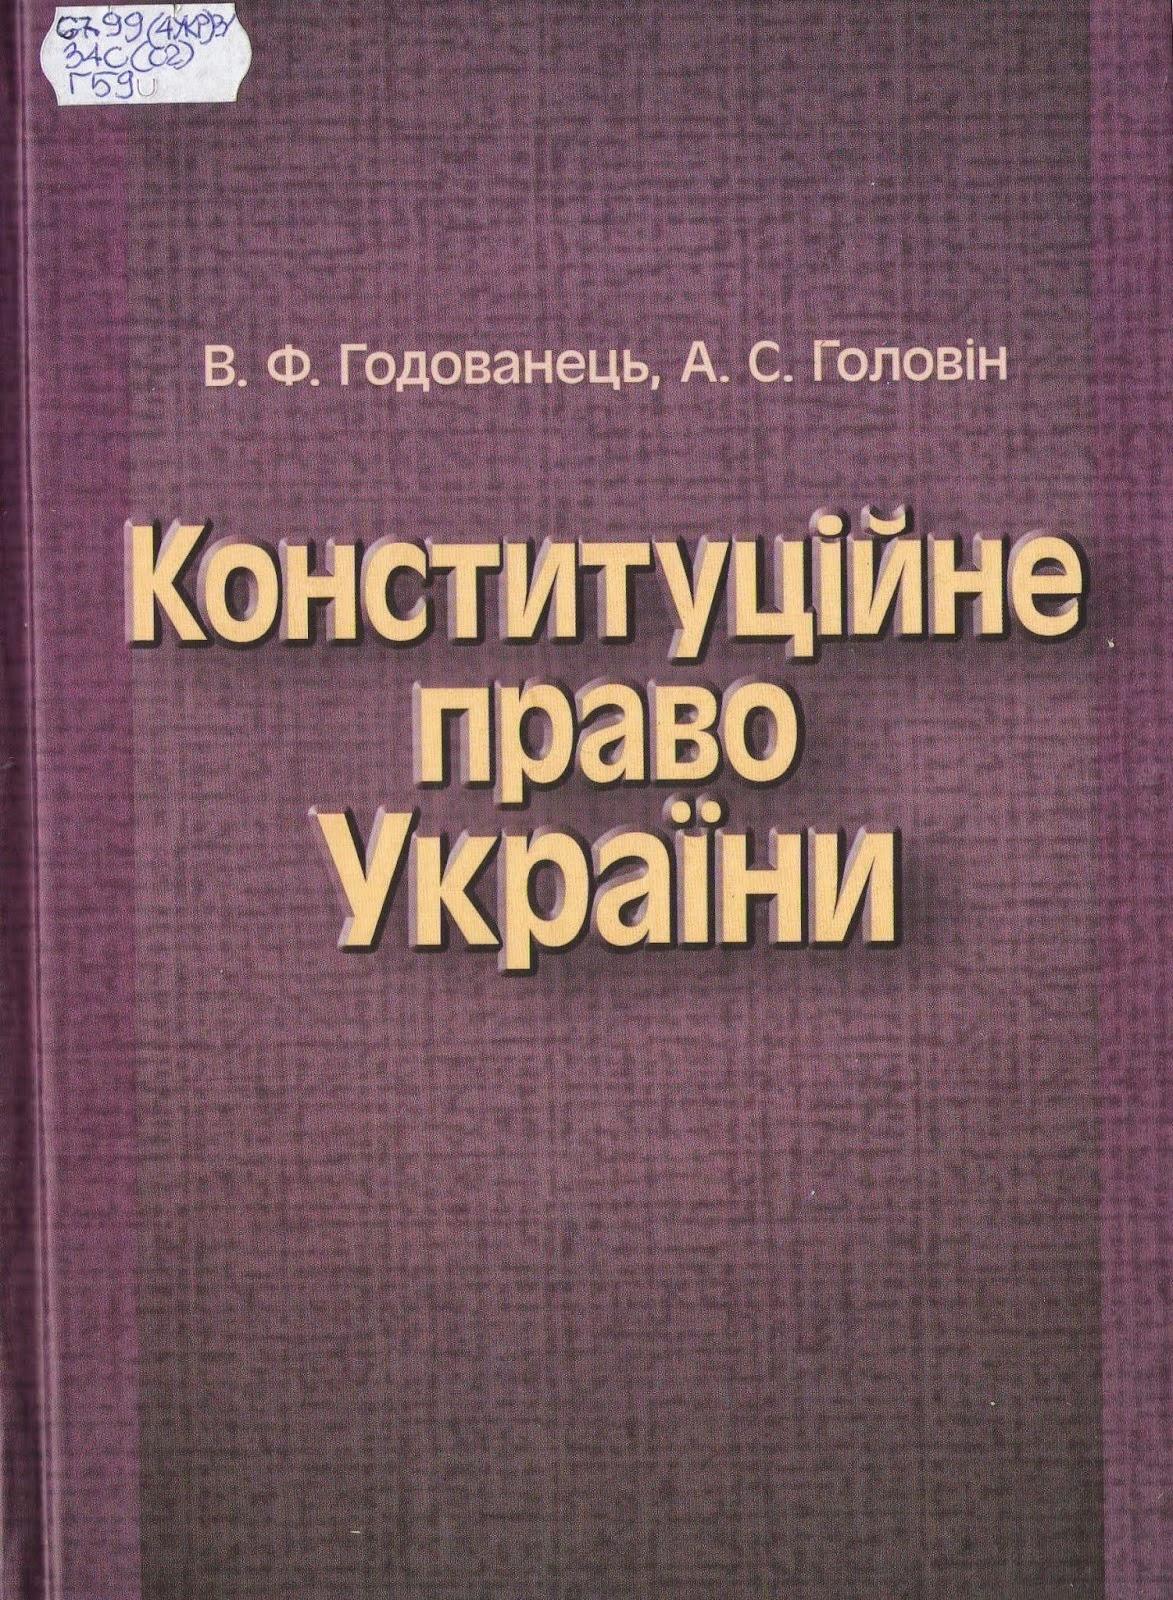 Конституційне право україни скачать книгу